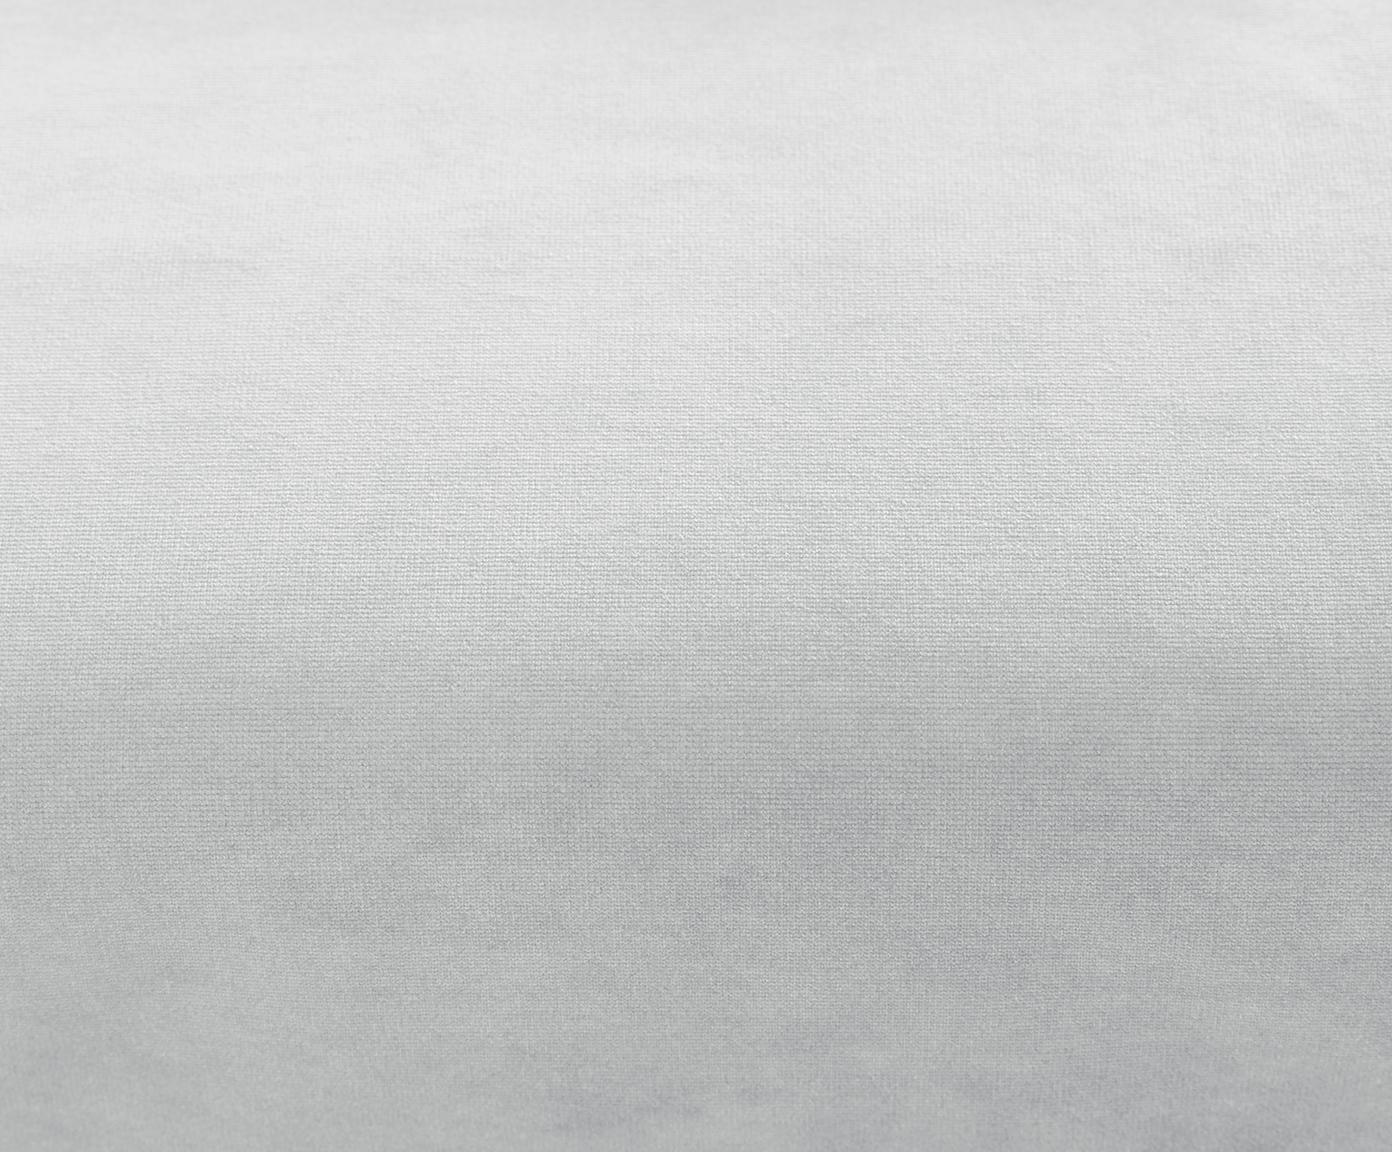 Szezlong z aksamitu Fluente, Tapicerka: aksamit (wysokiej jakości, Stelaż: lite drewno sosnowe, Nogi: metal lakierowany, Aksamitny jasny szary, S 201 x G 83 cm